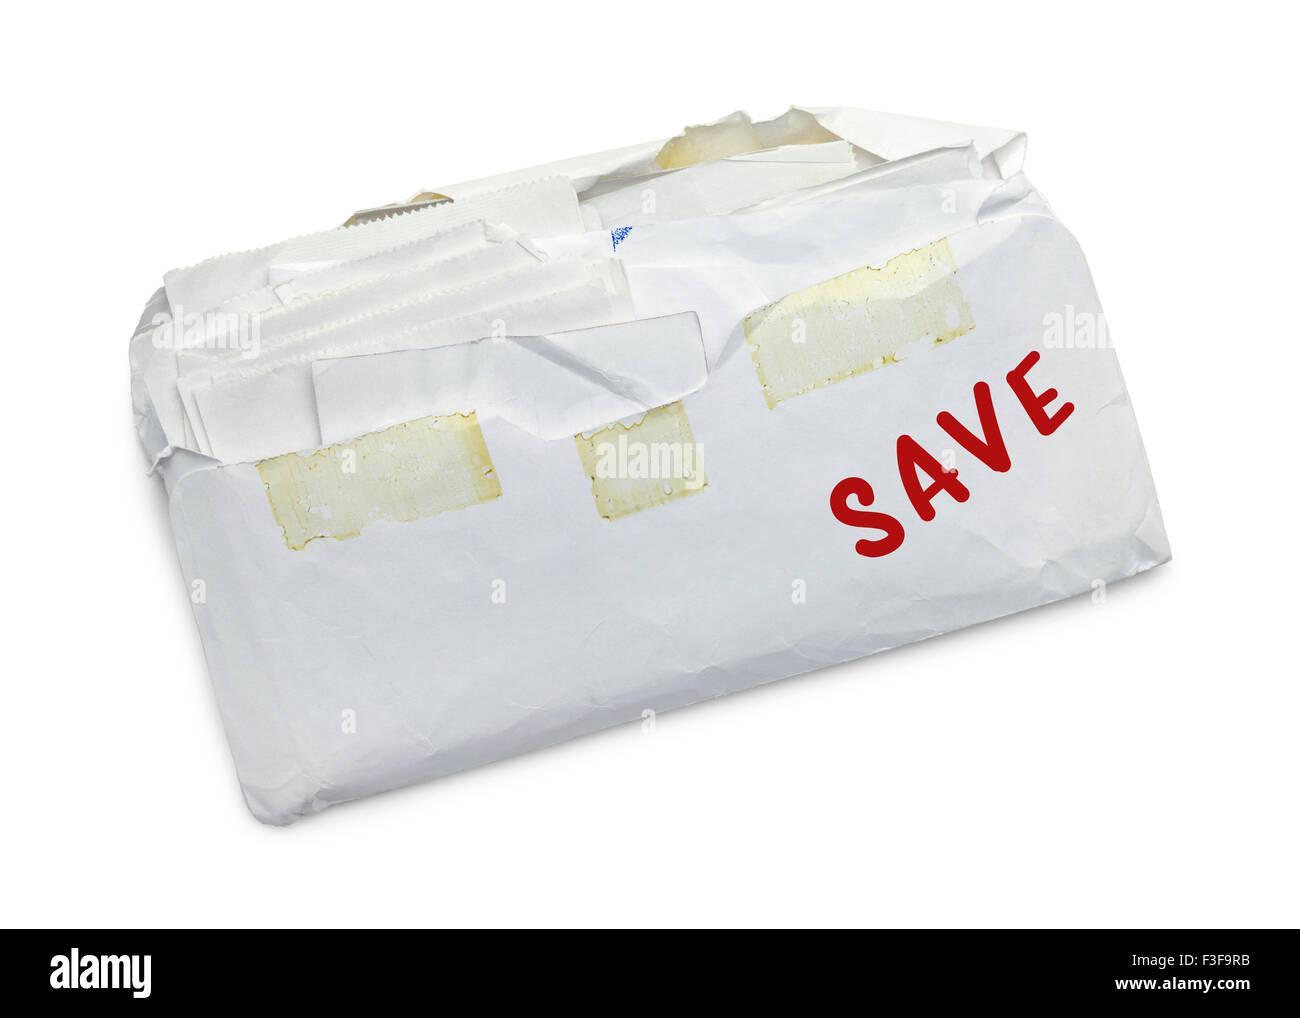 Plein d'enveloppe pour enregistrer les reçus isolé sur fond blanc. Photo Stock